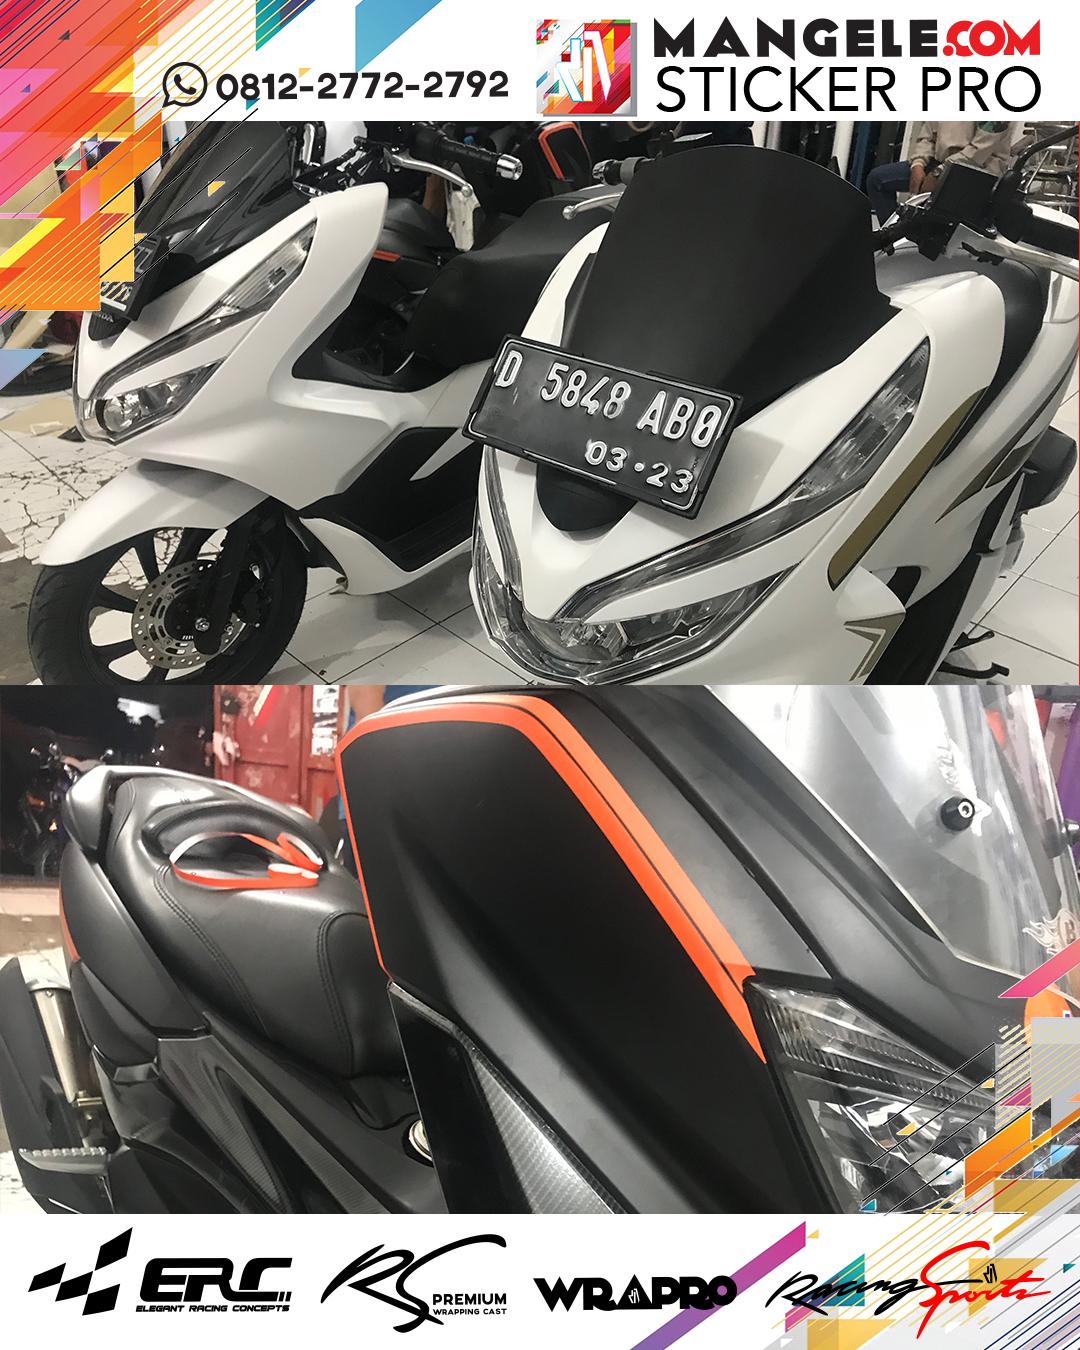 Stiker Cutting Motor Bandung Sticker Keren Polet